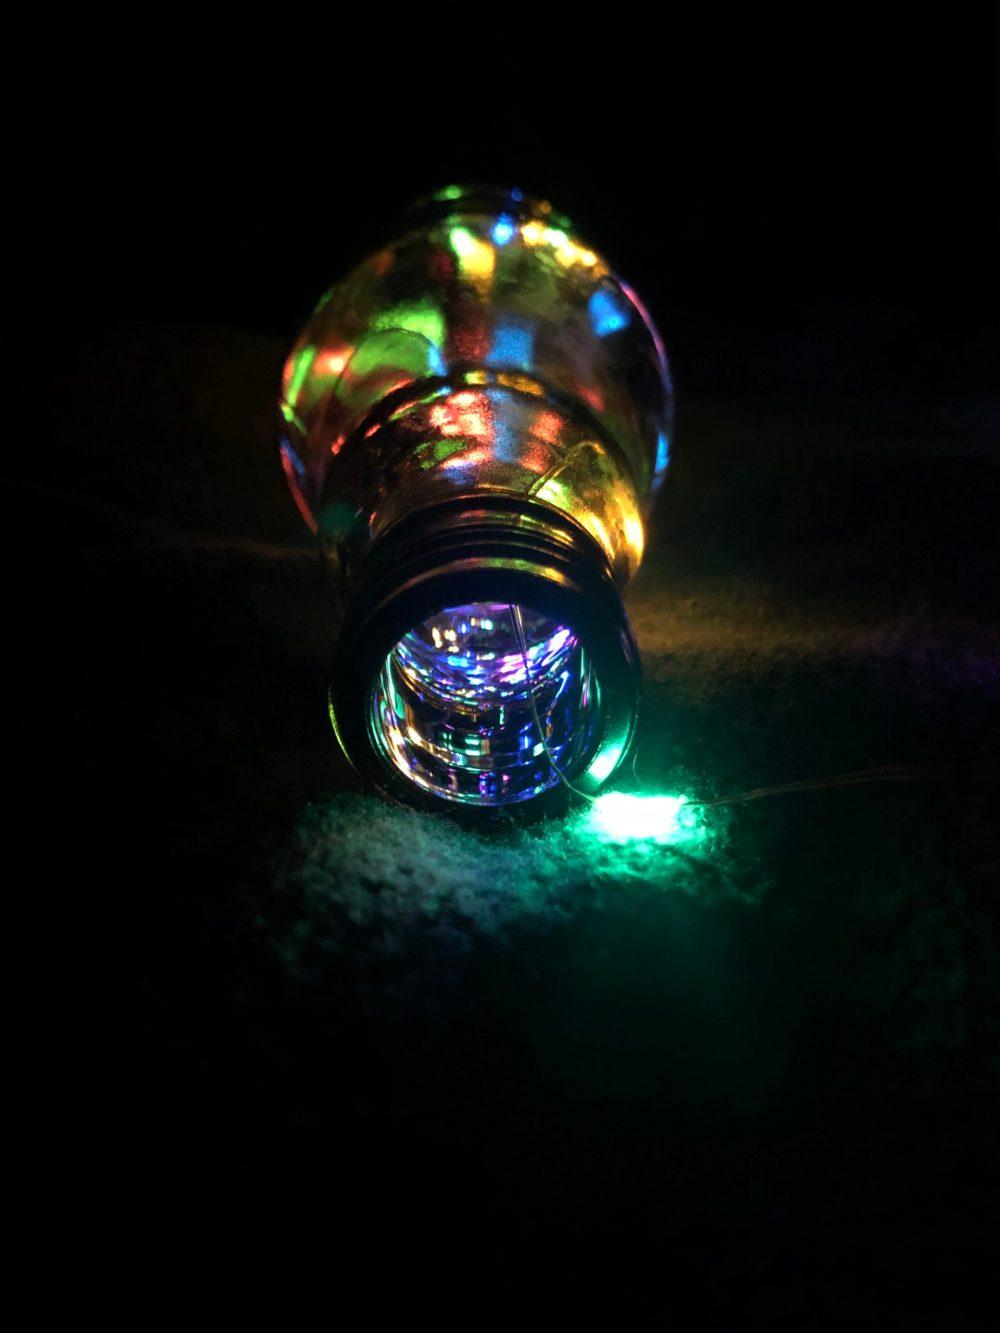 Bunte Lichteffekte in und auf einer Flaschenlampe